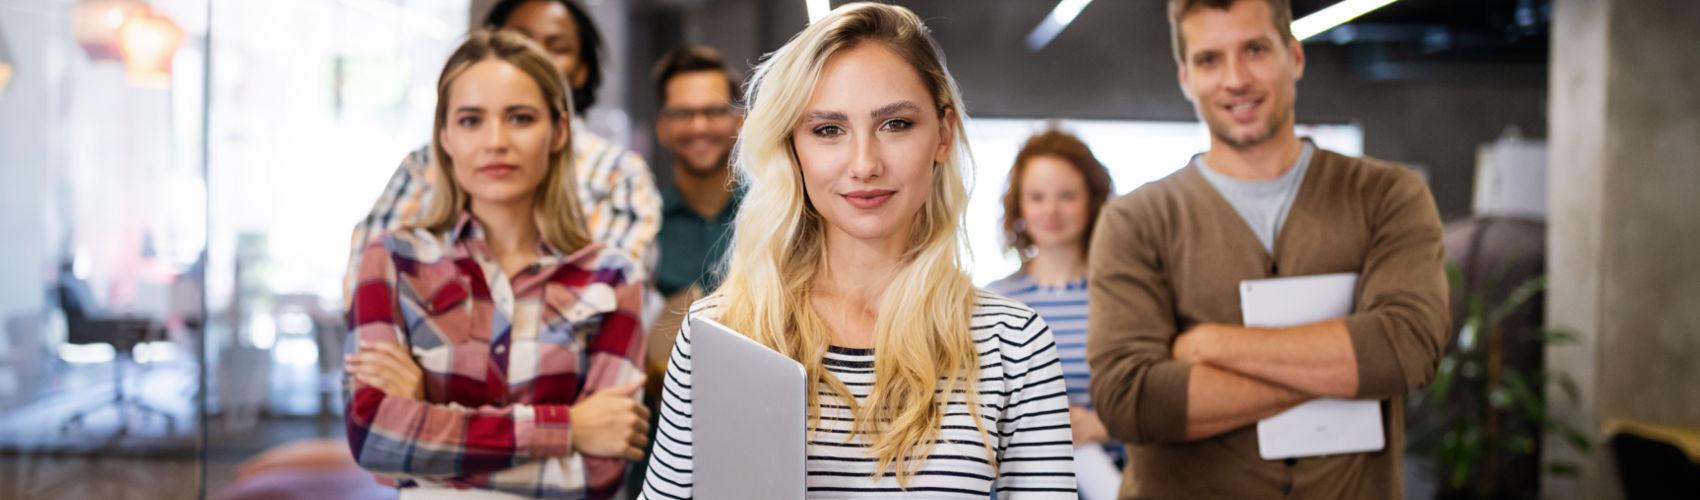 Zielpunktgenaues Coaching für Frauen in Führungspositionen